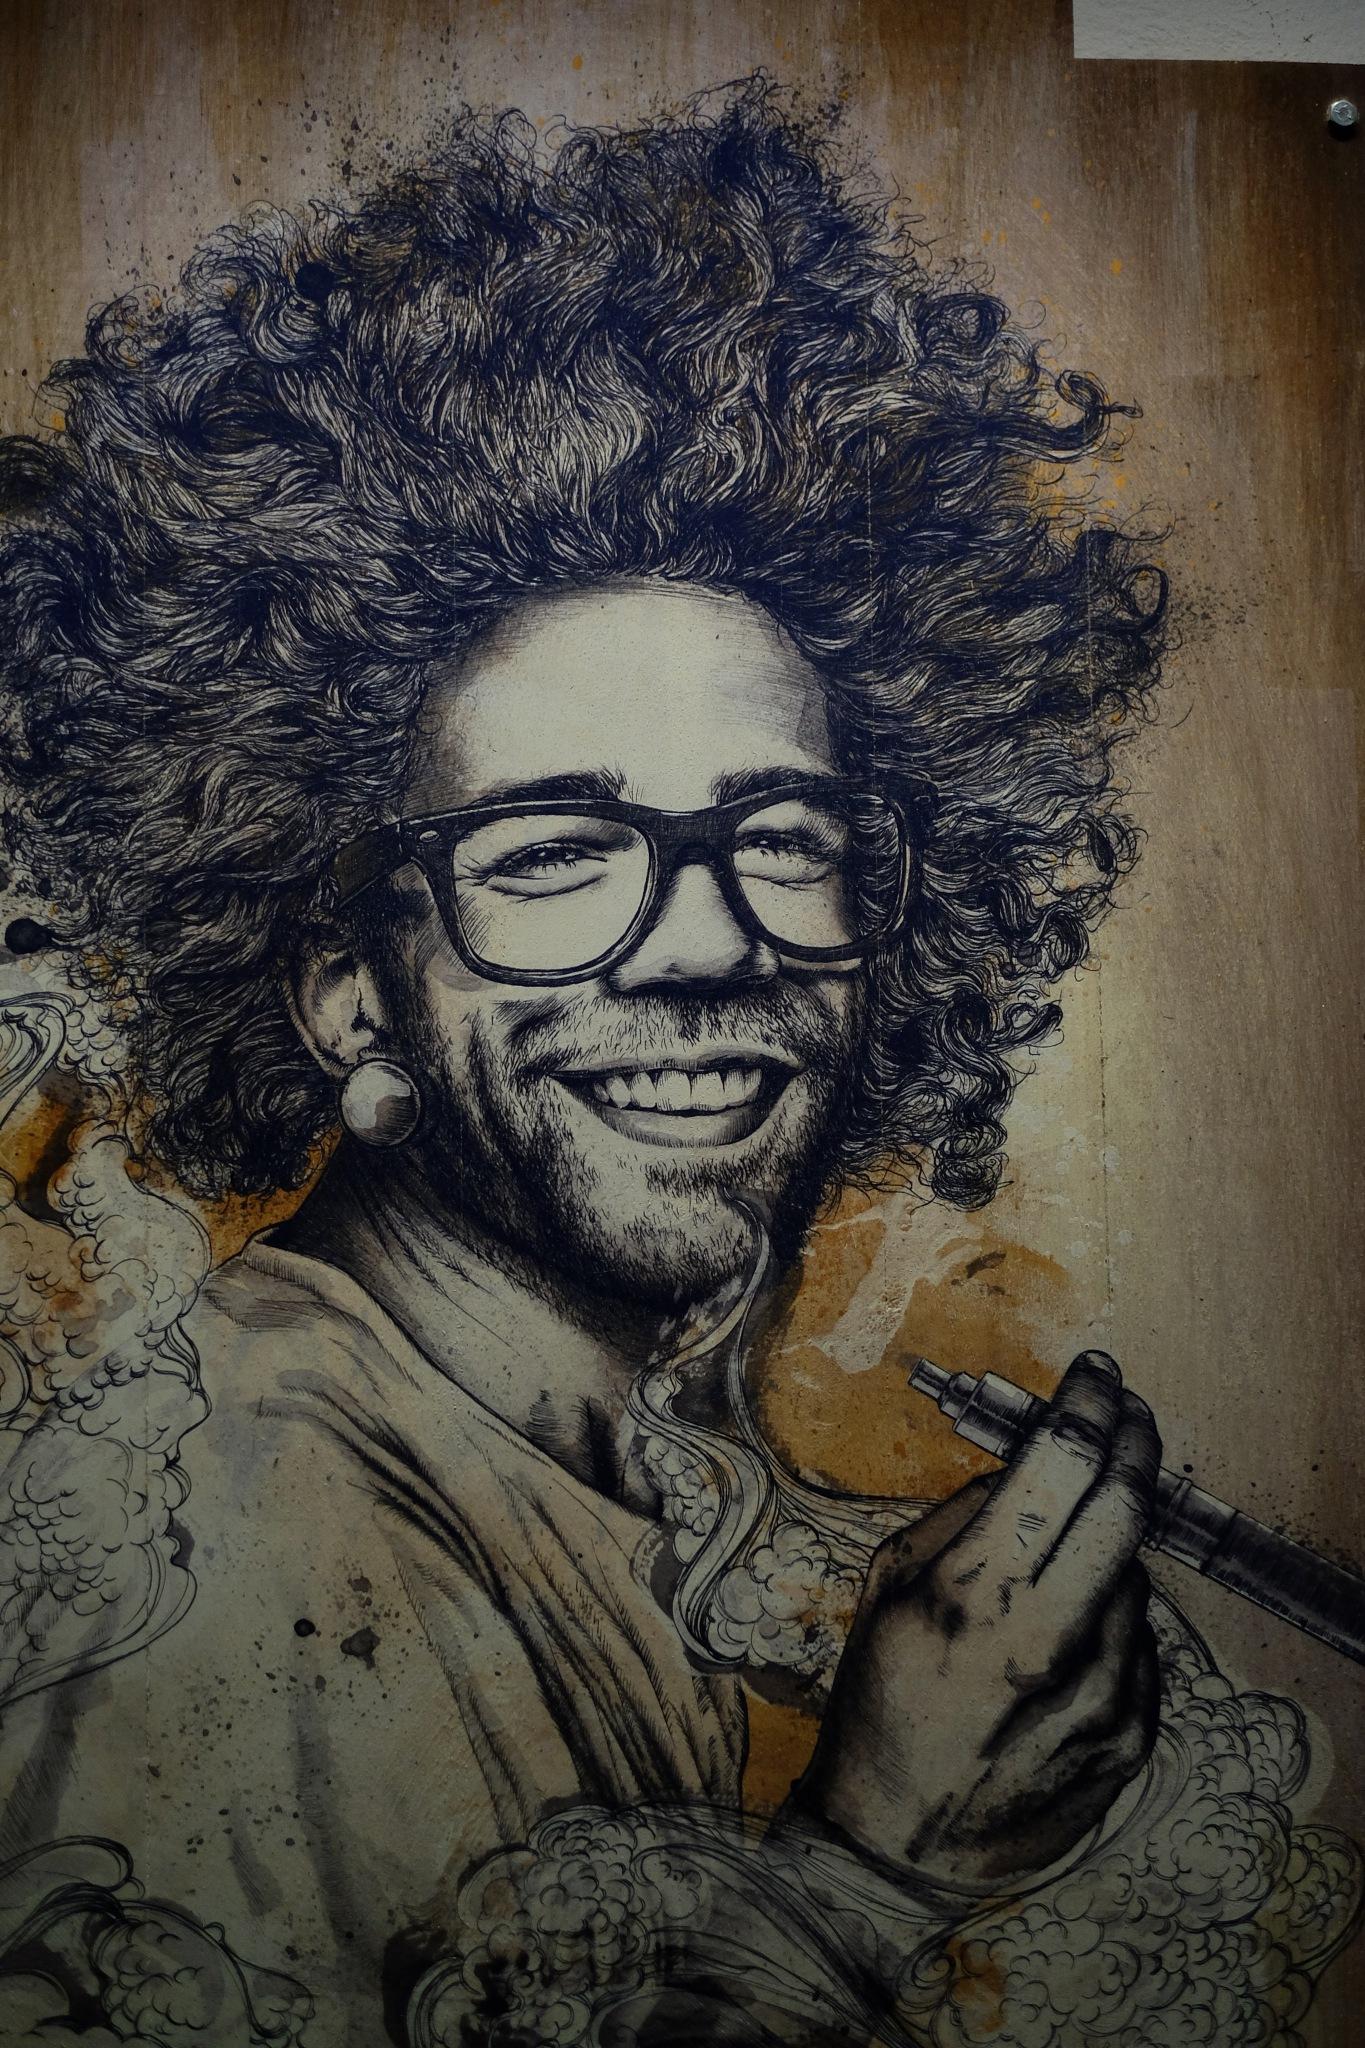 Smile by peterkryzun